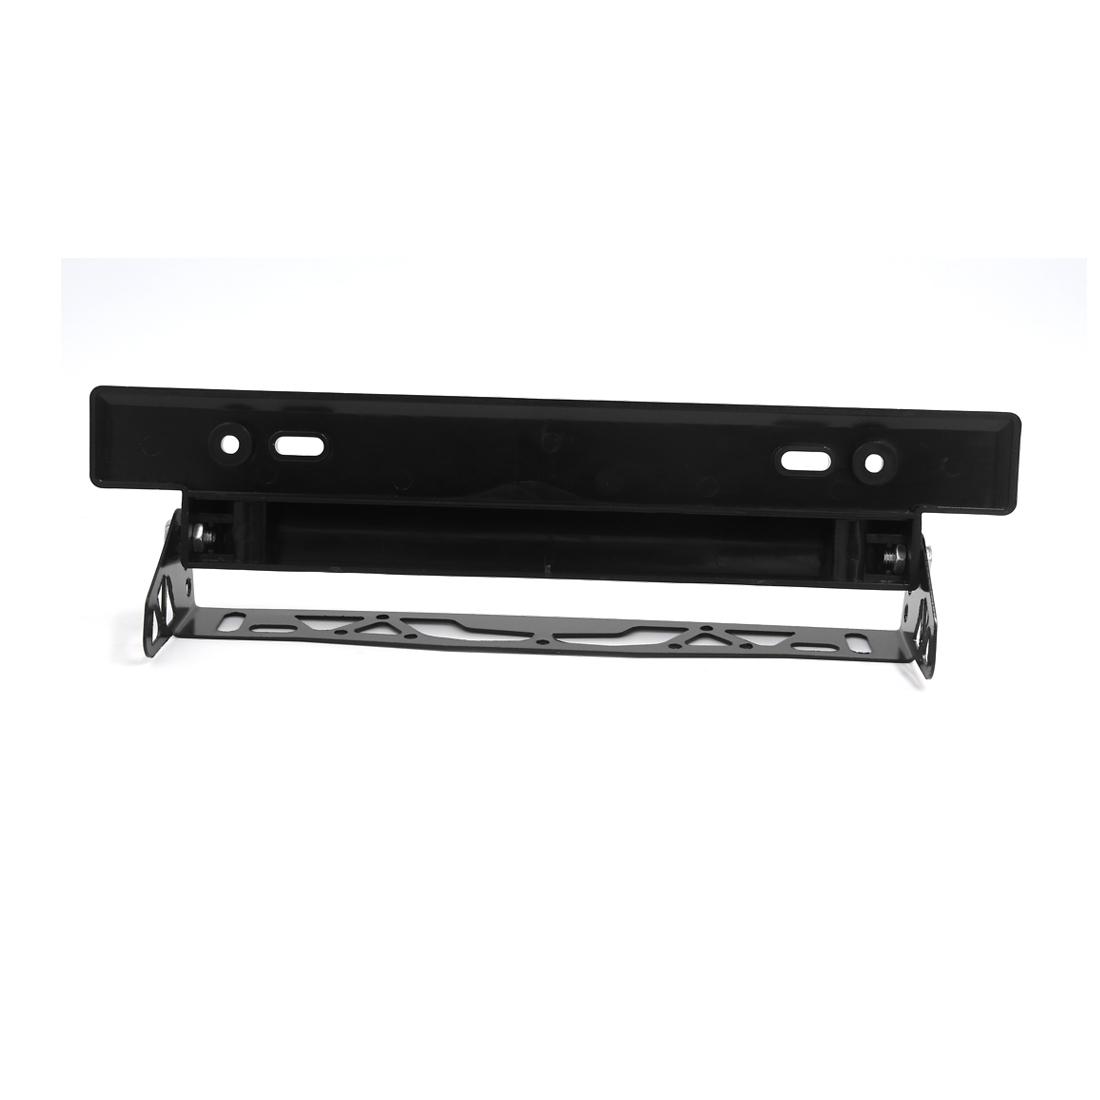 Universal Black Bumper Adjustable Tilt License Plate Bracket for Car Auto